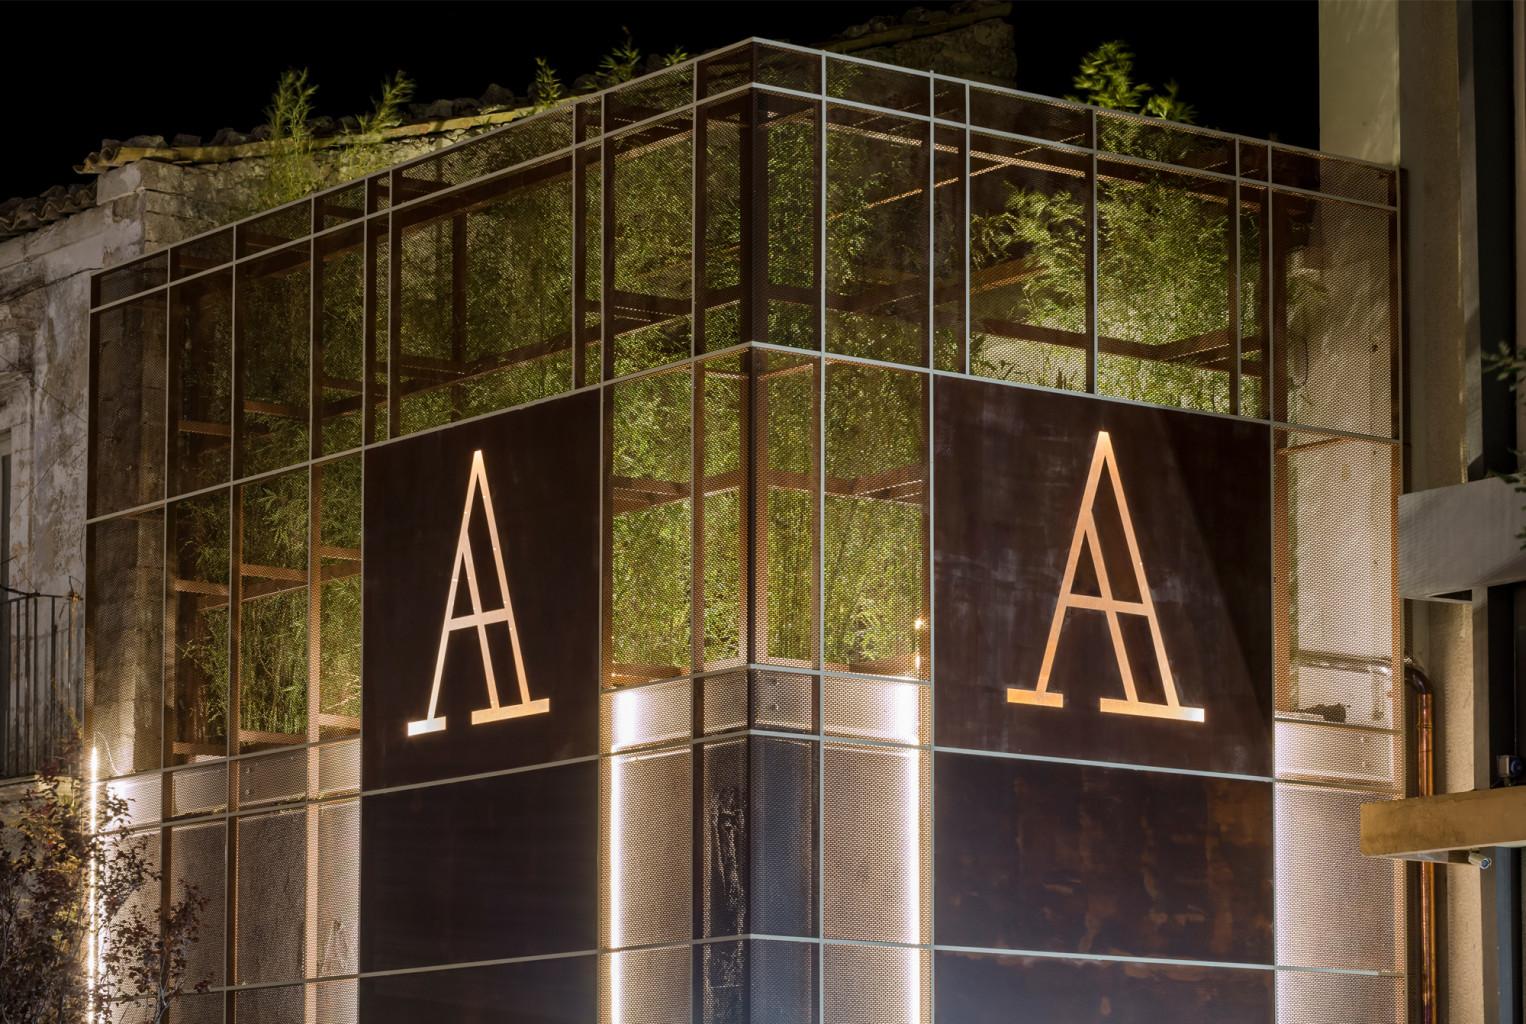 anthea-preziosi-photo-2